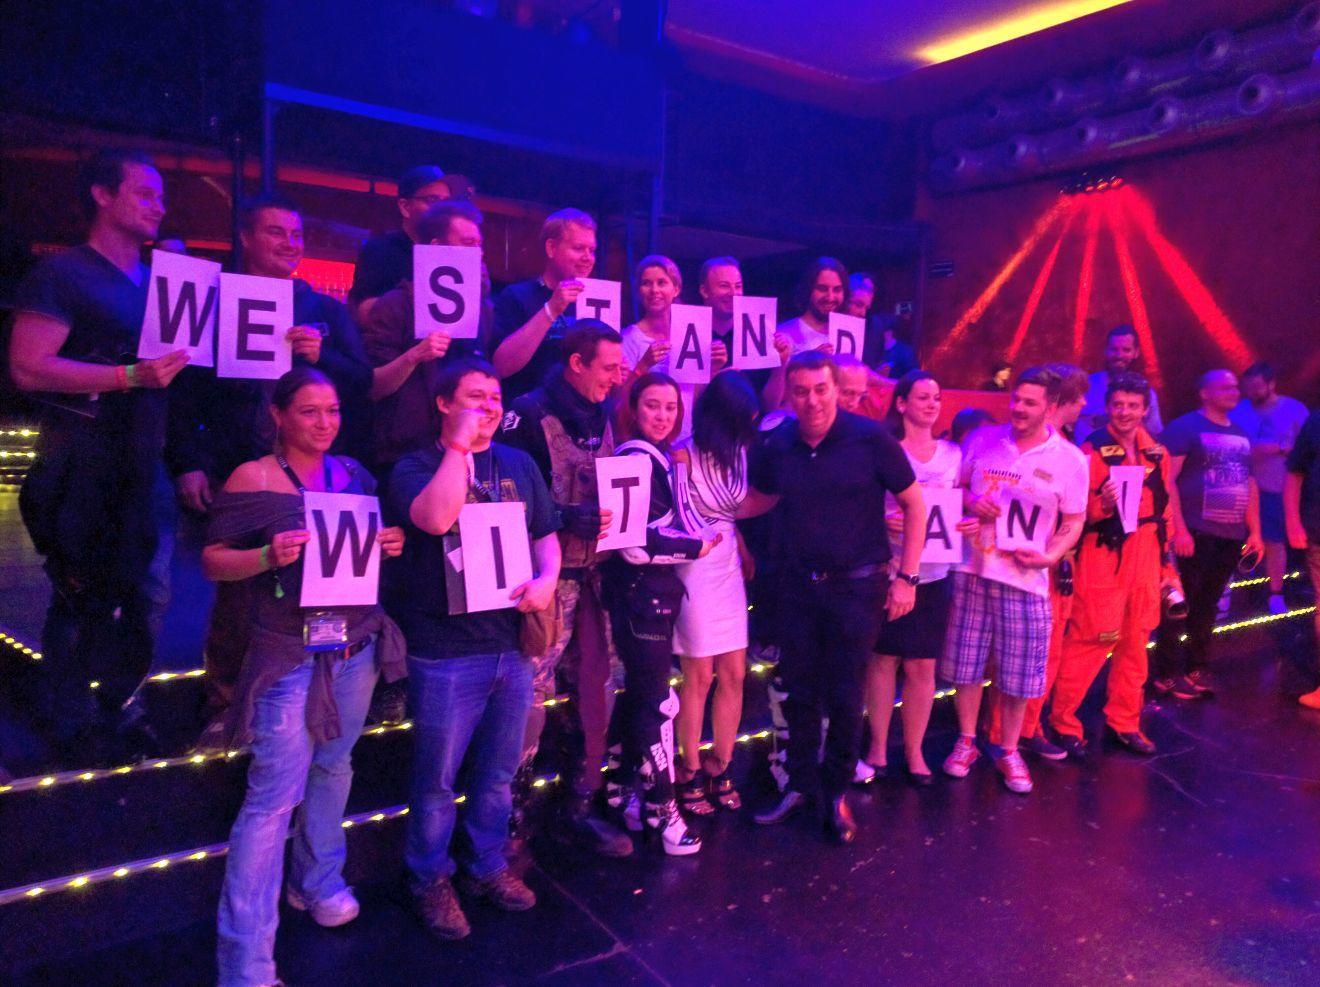 Gamescom 2016 - Społeczność SC okazująca wsparcie dla Sandi Gardiner